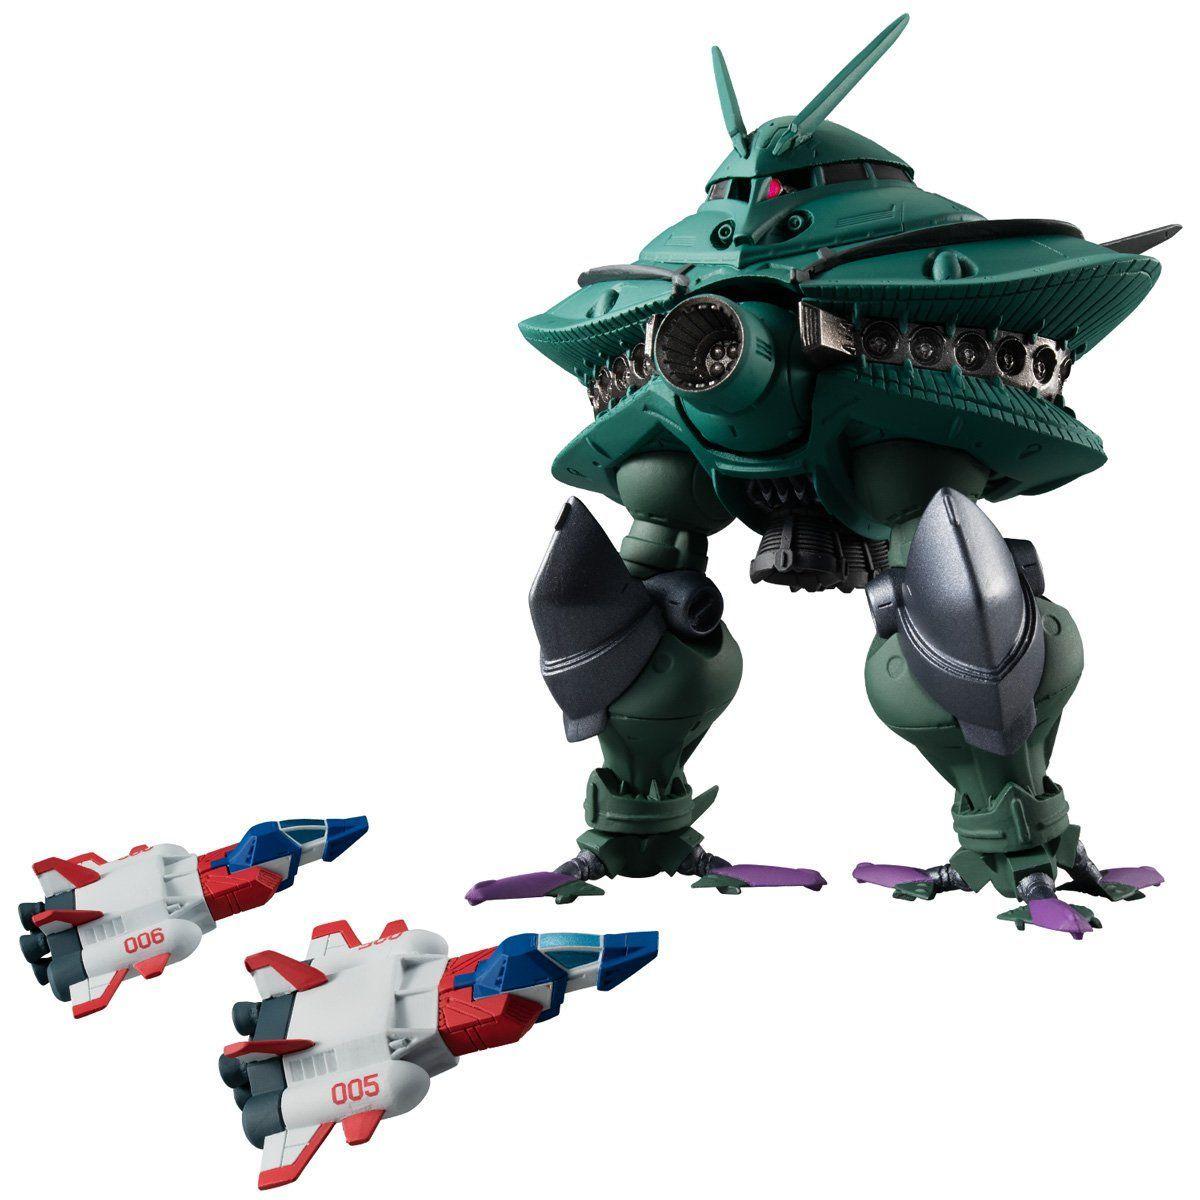 【食玩】FW GUNDAM CONVERGE『EX29 ビグ・ザム&コア・ブースター』機動戦士ガンダム 食玩フィギュア-001